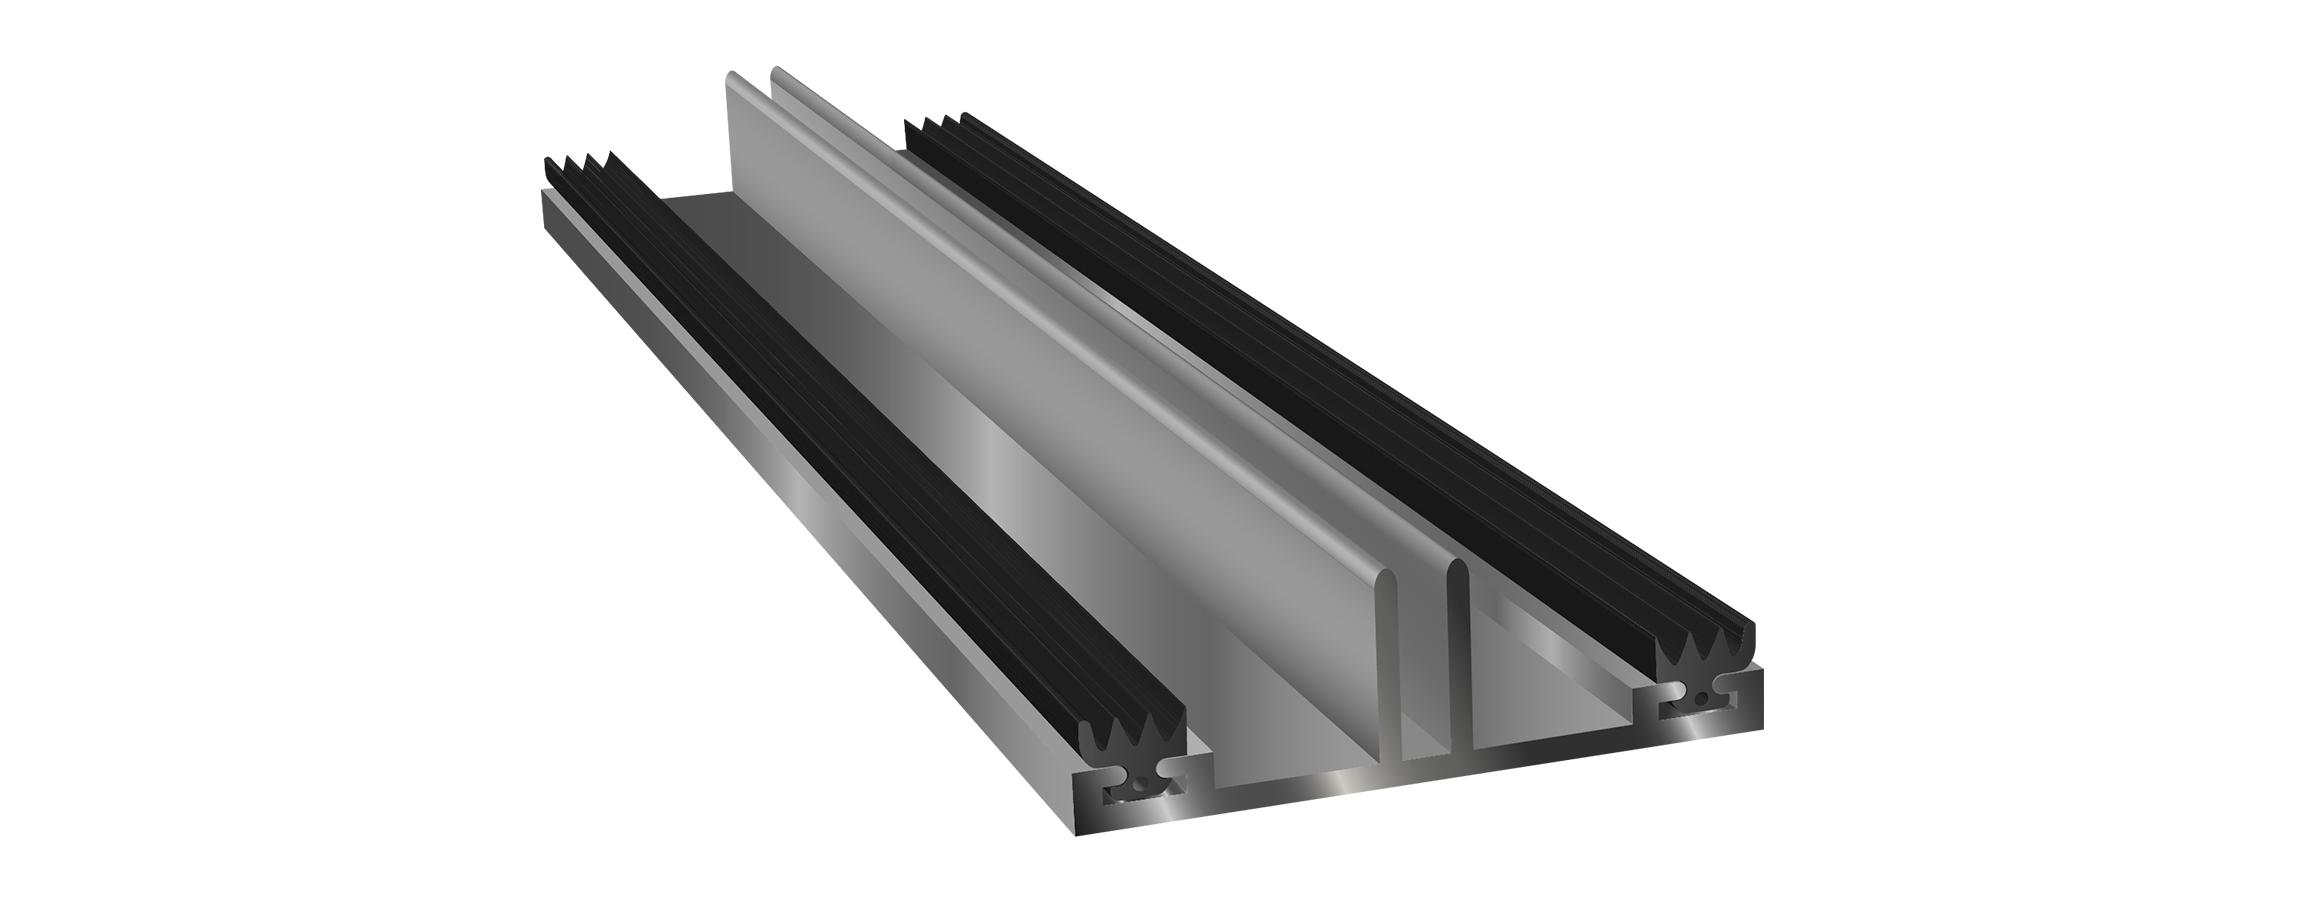 Алюминиевый профиль база (60мм)